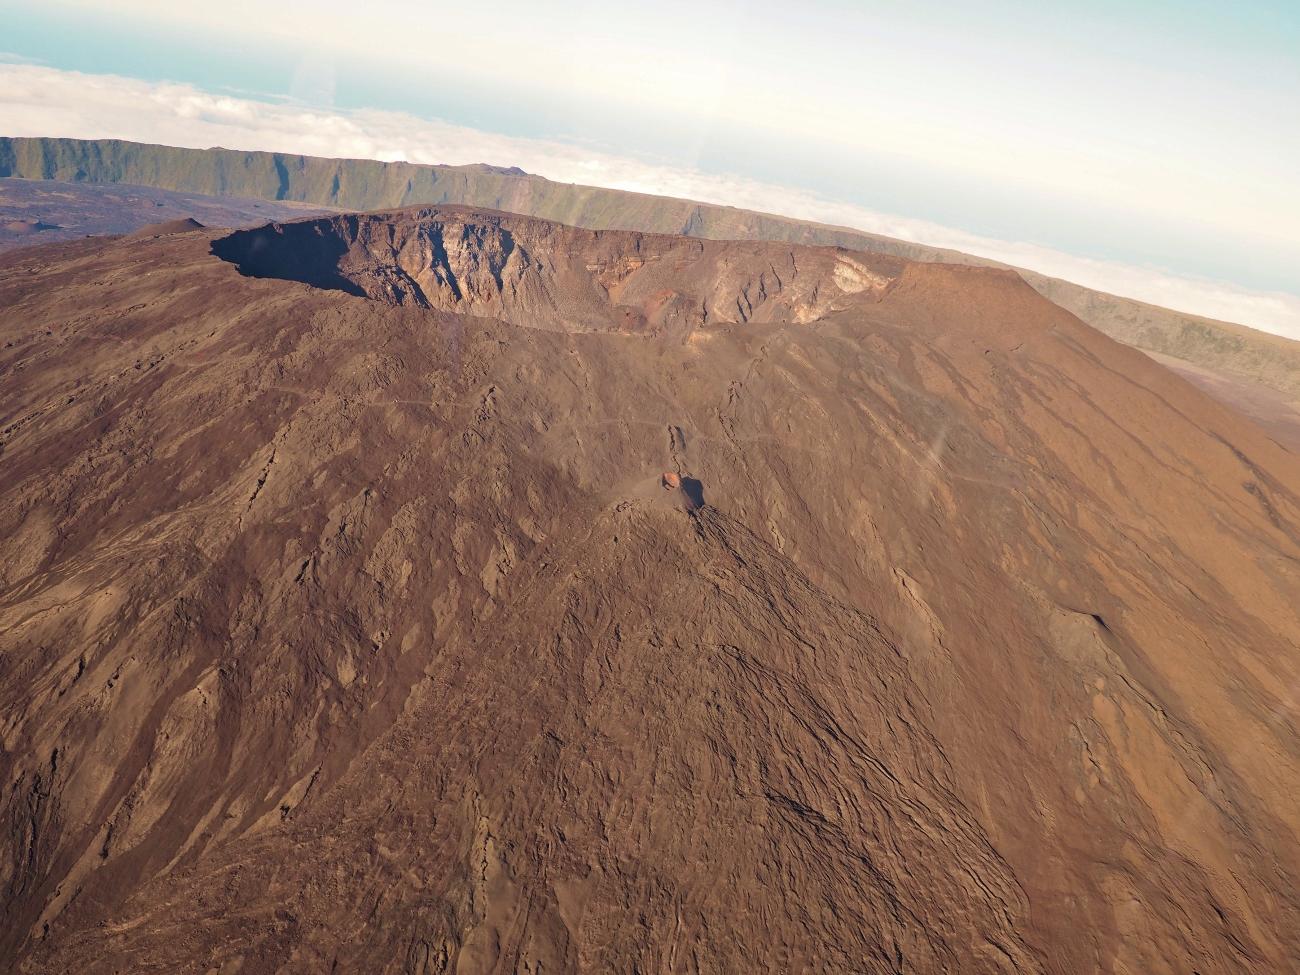 Le piton de la fournaise depuis l'hélicoptère à la Réunion